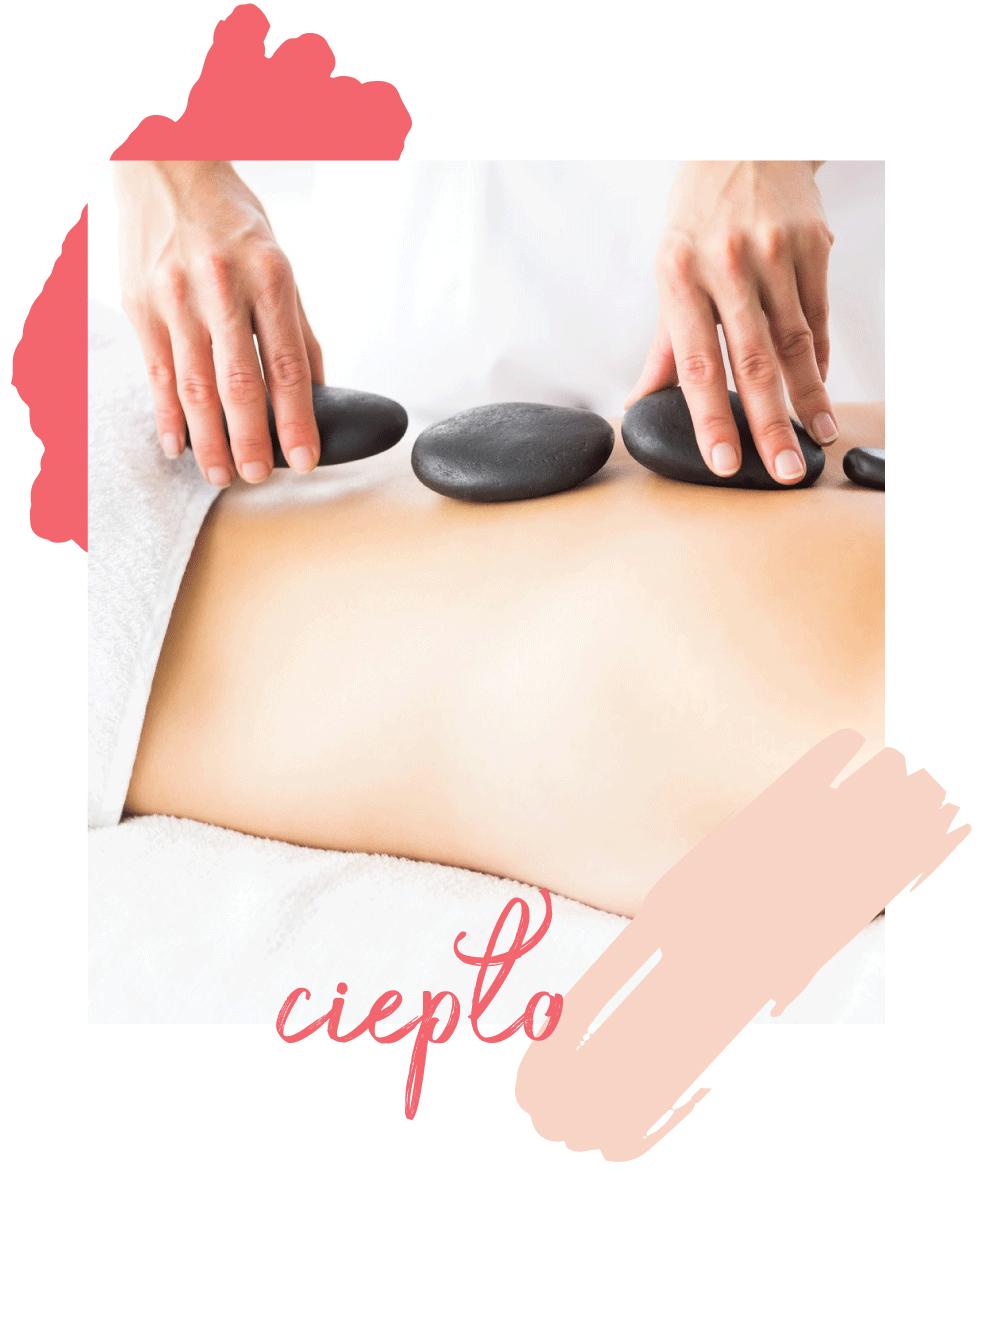 Wskazania i przeciwskazania do masażu gorącymi kamieniami (ciepłolecznictwo)